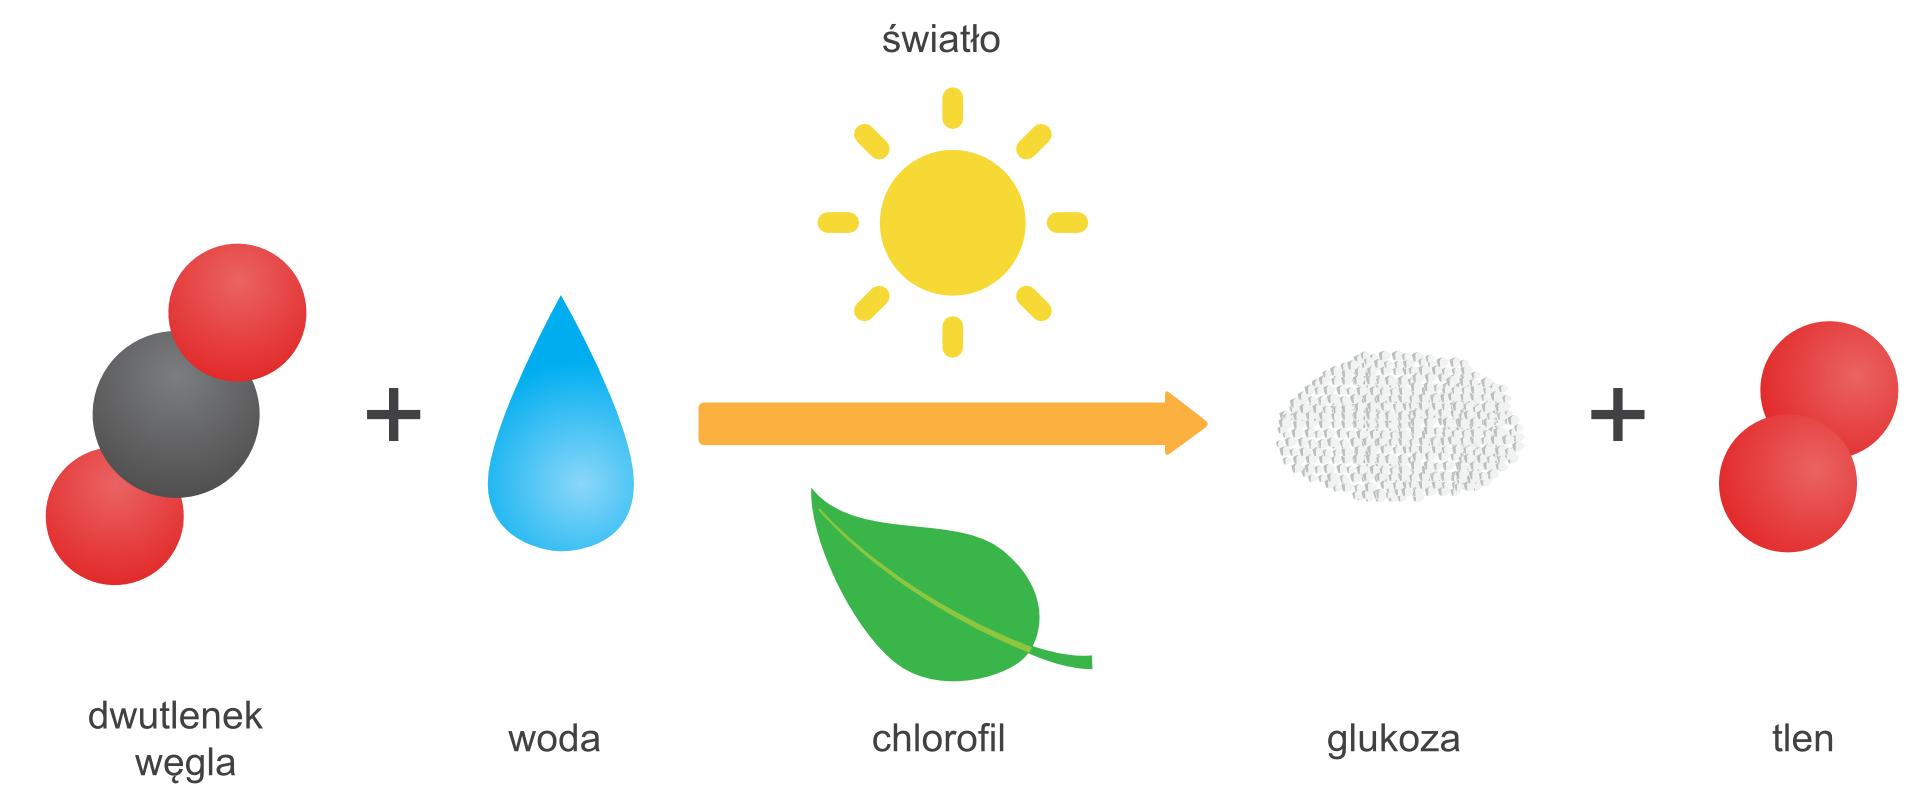 Ilustracja przedstawia rysunkowy schemat fotosyntezy wformie zapisu reakcji, wktórym symbole związków ipierwiastków zastąpiono kolorowymi piktogramami. Wynika zniej, że wwyniku syntezy dwutlenku węgla iwody przy udziale światła słonecznego, reprezentowanego przez piktogram słońca nad strzałką oznaczającą reakcję iwobecności chlorofilu symbolizowanego rysunkiem liścia pod strzałką, powstaje glukoza przedstawiona jako kopczyk białej sproszkowanej substancji itlen. Dwutlenek węgla oraz tlen przedstawione zostały wpostaci modeli cząsteczek, awoda jako niebieska kropla.